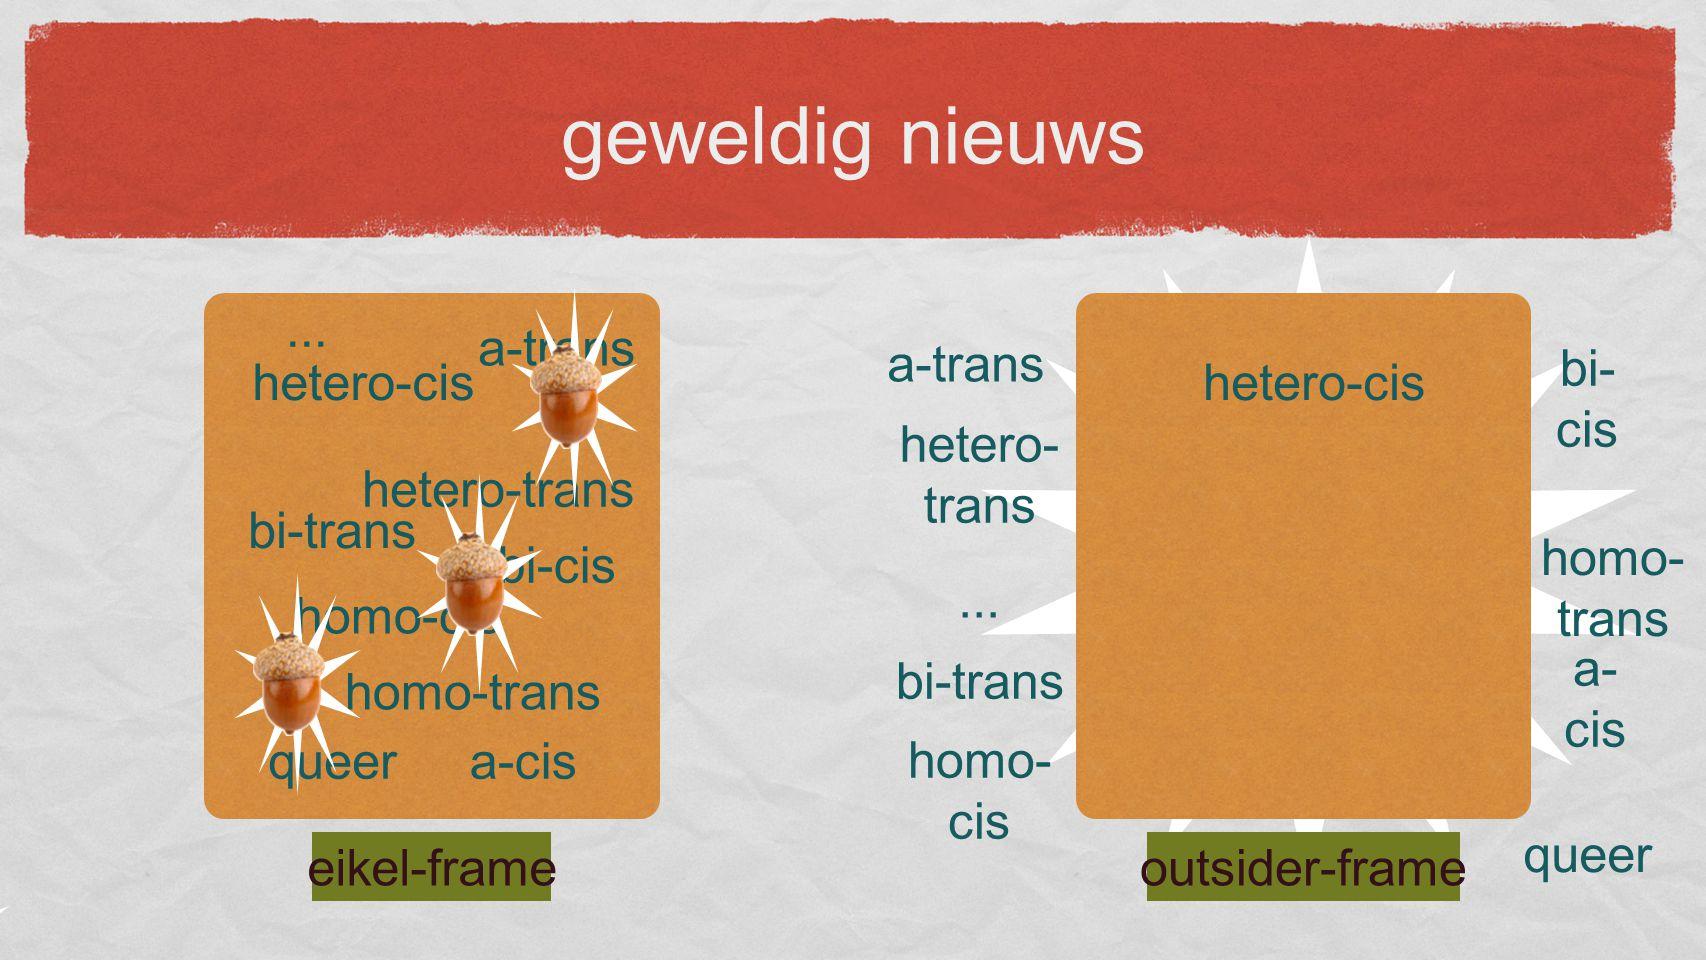 geweldig nieuws hetero-cis hetero-trans bi-trans bi-cis homo-cis homo-trans queera-cis a-trans...